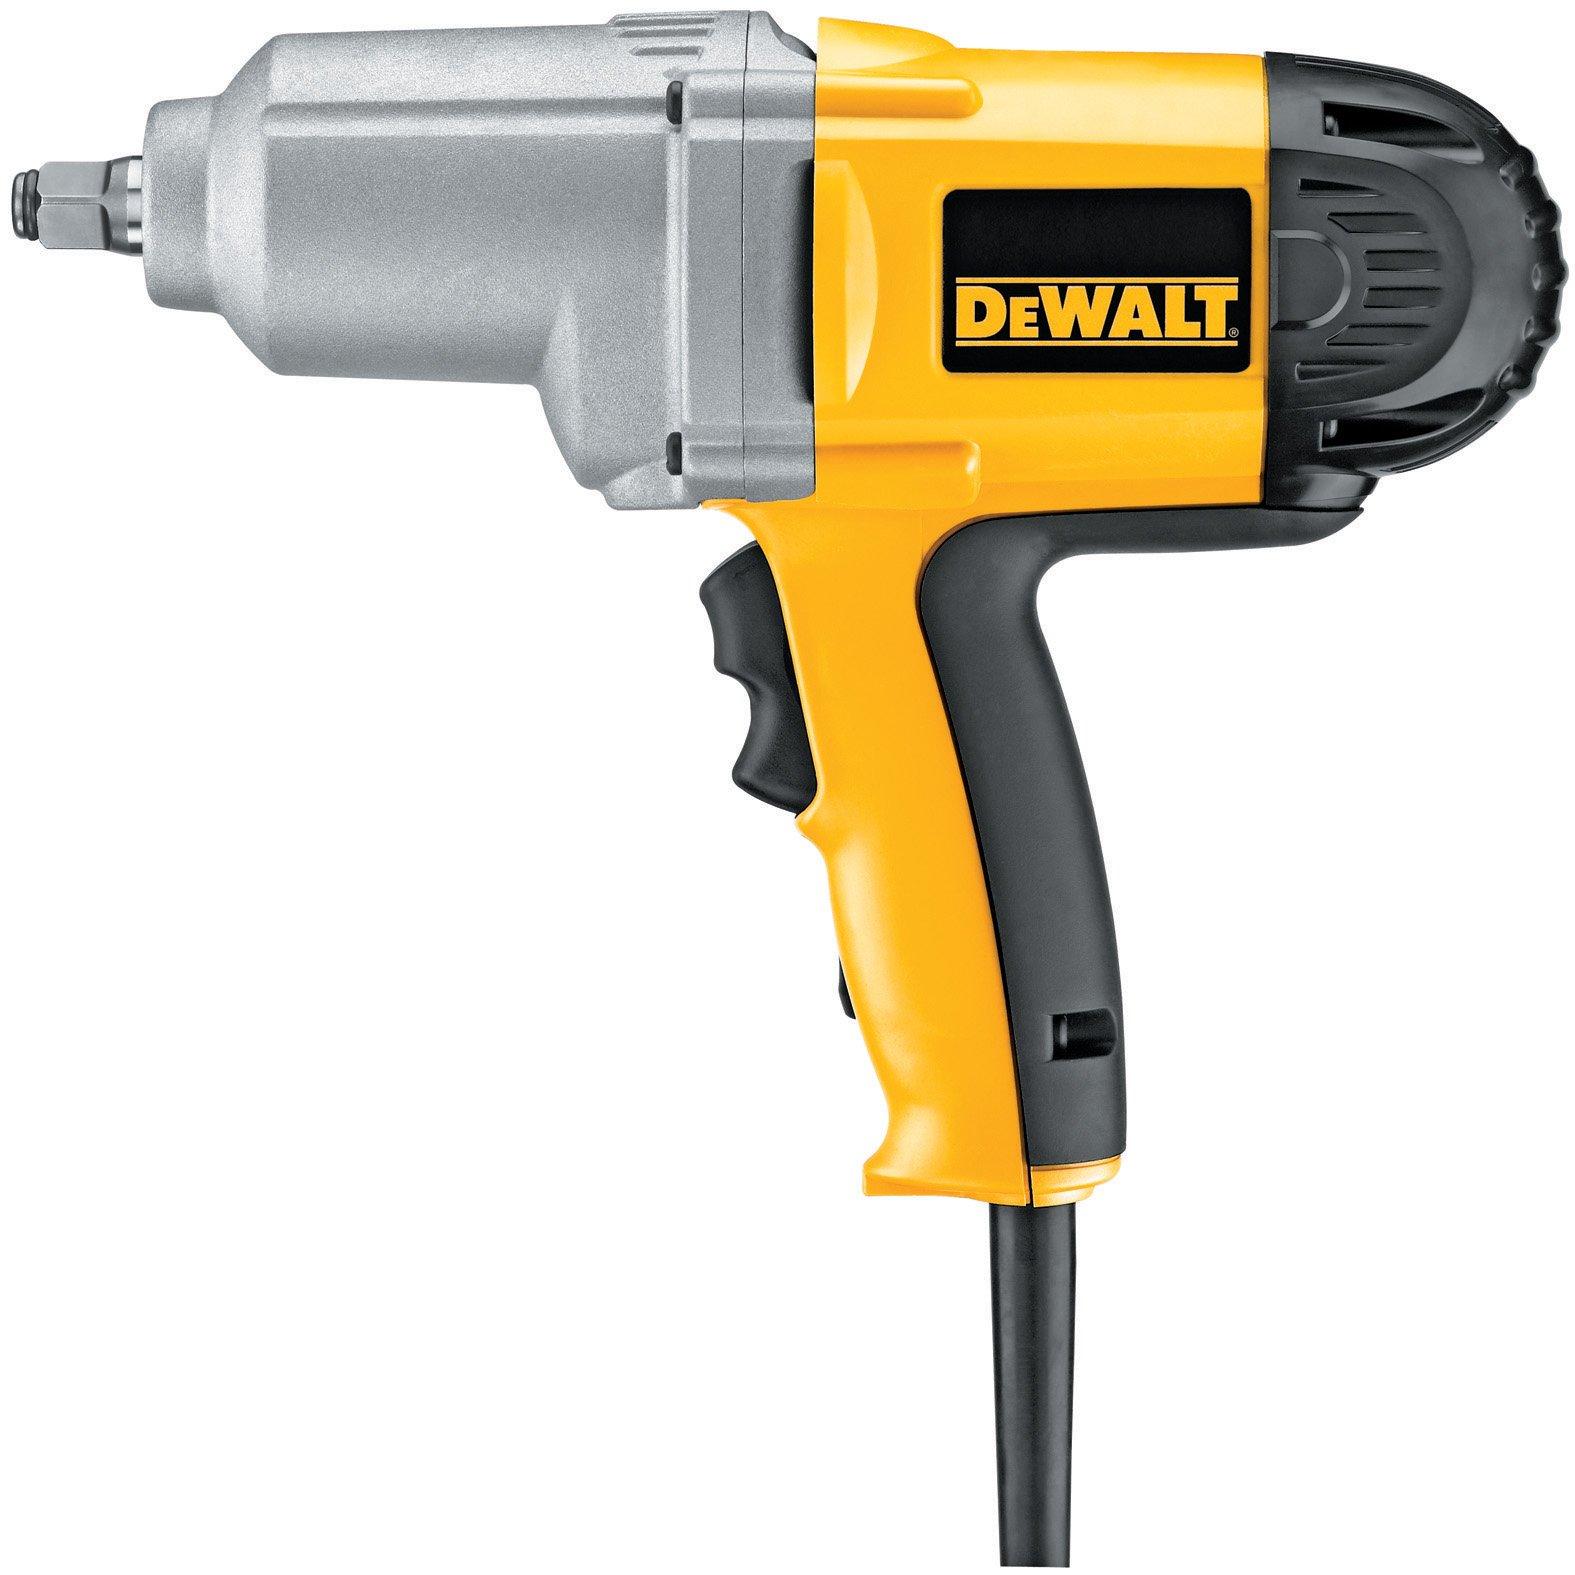 DEWALT DW293 7.5-Amp 1/2-Inch Impact Wrench with Hog Ring Anvil by DEWALT (Image #1)